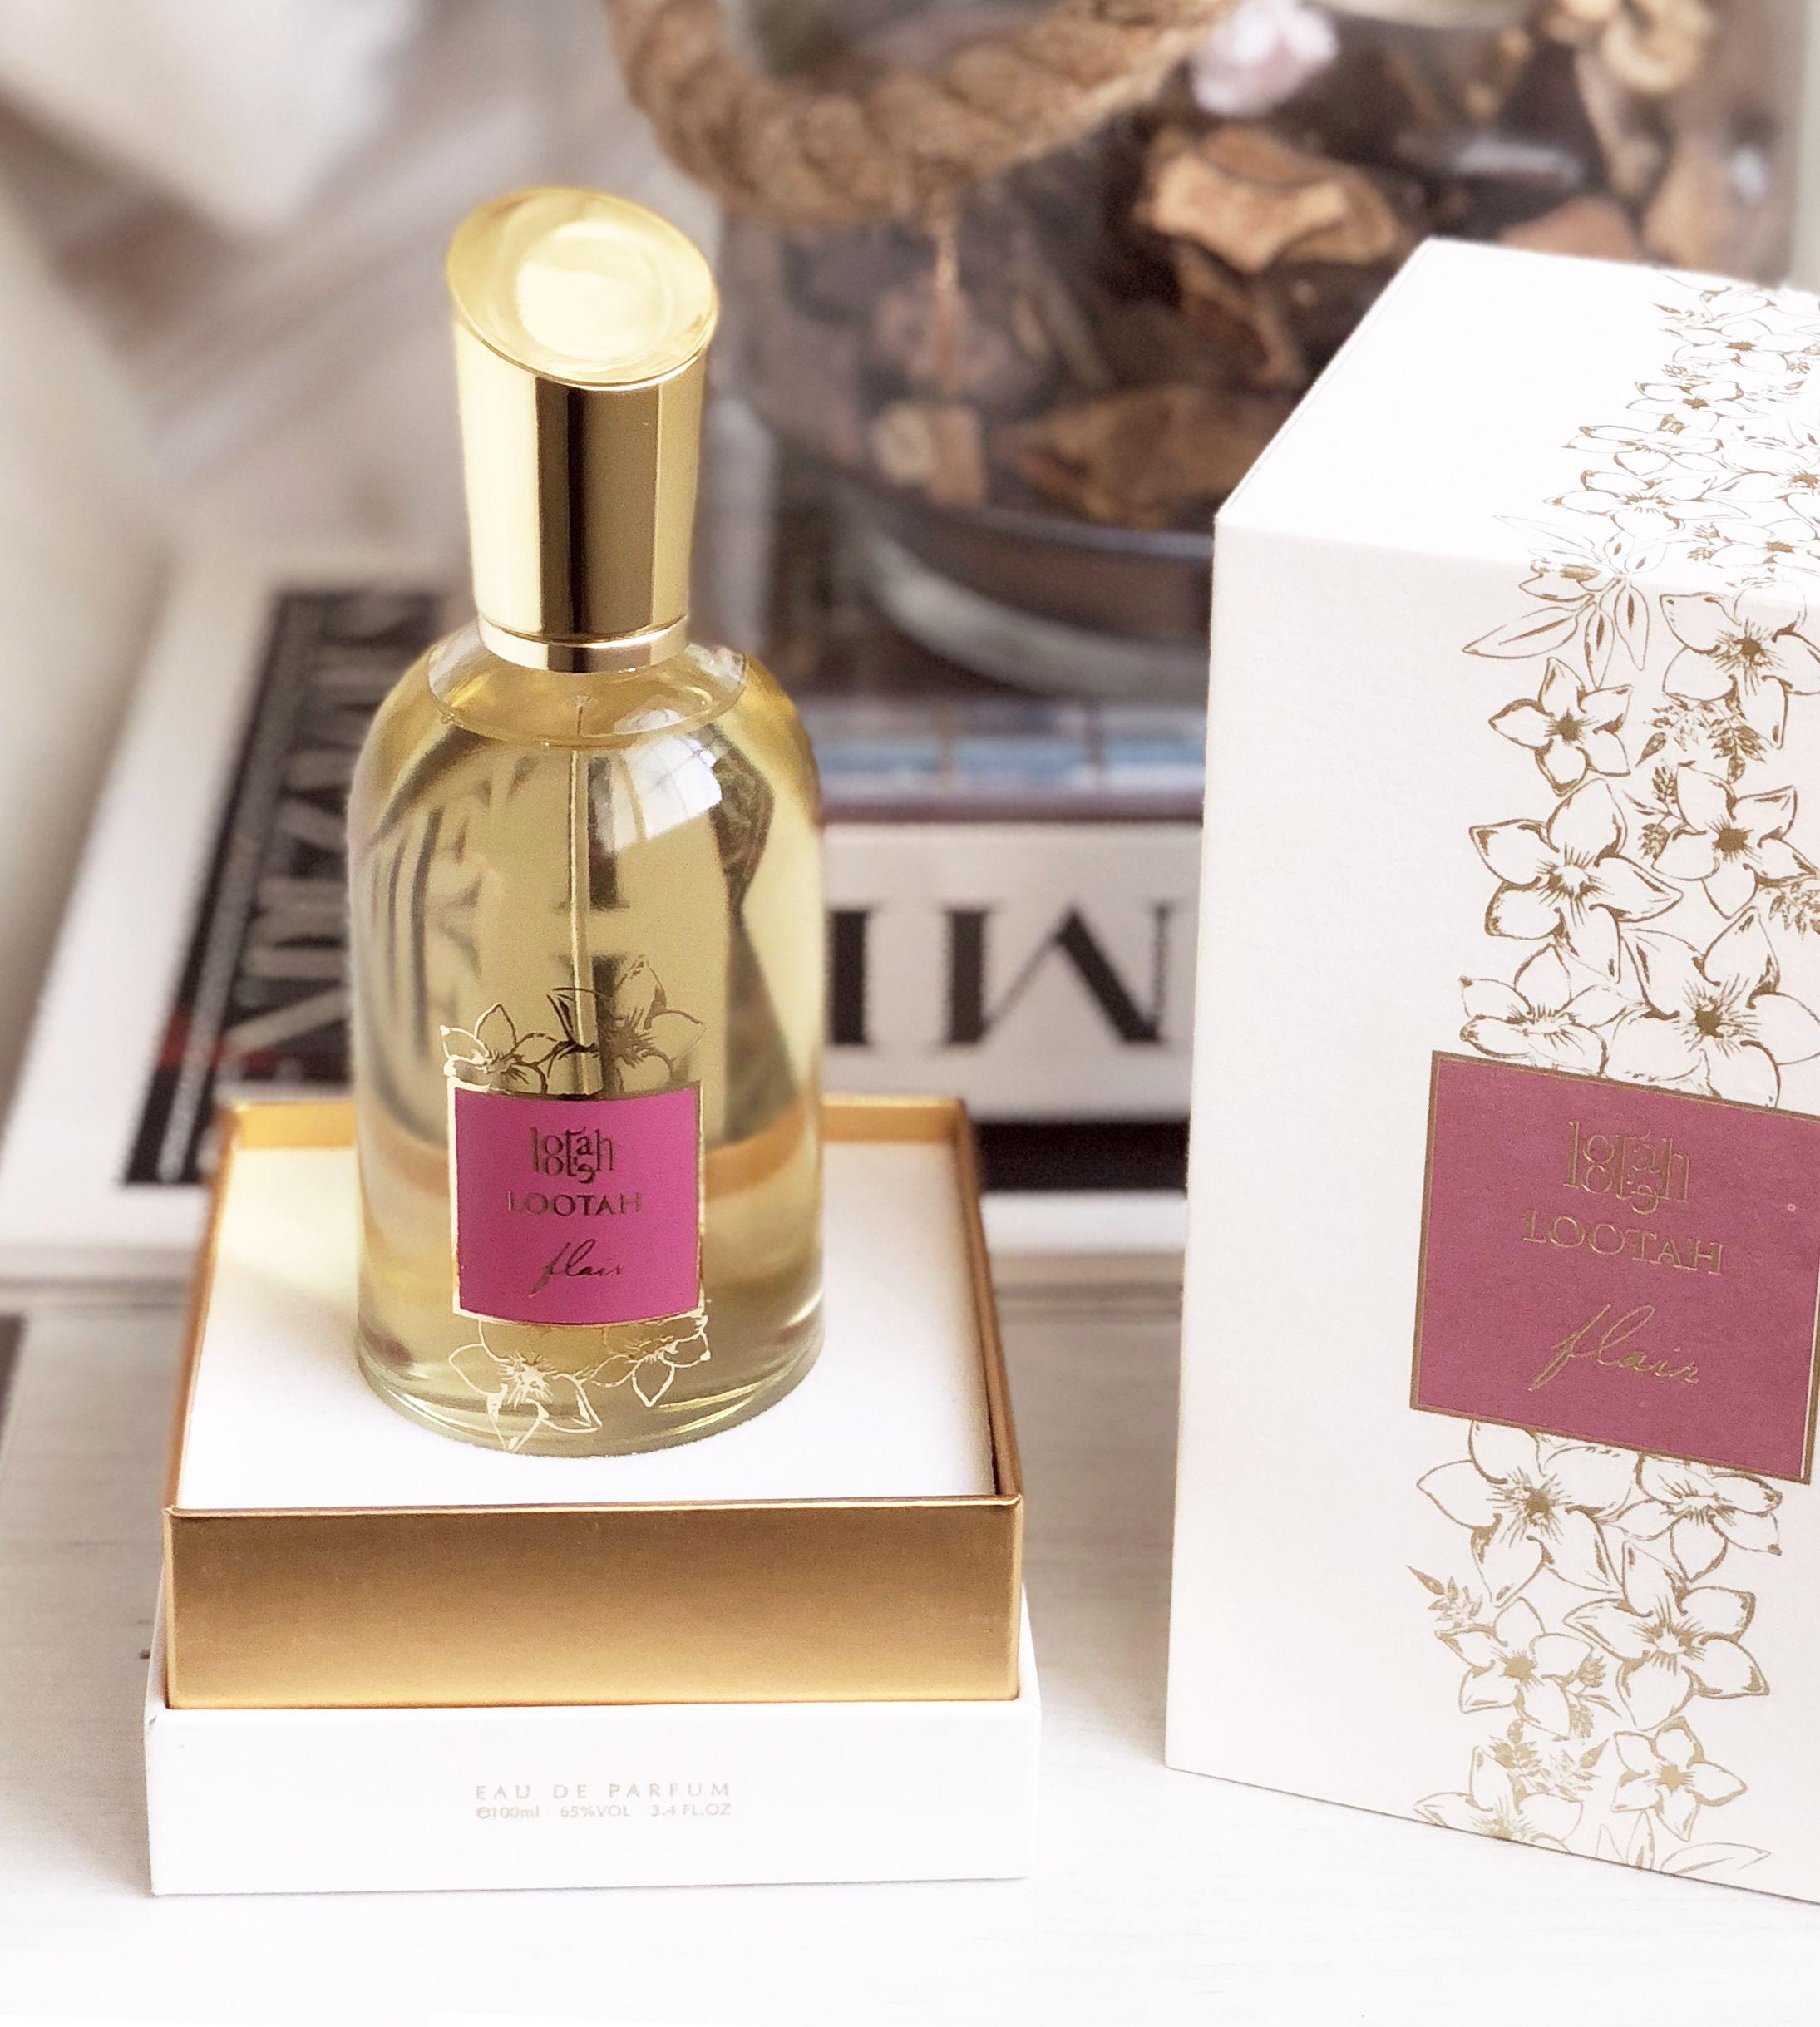 فلير نوتات ع طرية مميزة ت وجت فوق بعضها البعض لتمنحك تجربة أنثوية م تكاملة Flair Unique Aromatic Notes Crown Perfume Perfume Bottles Fragrance